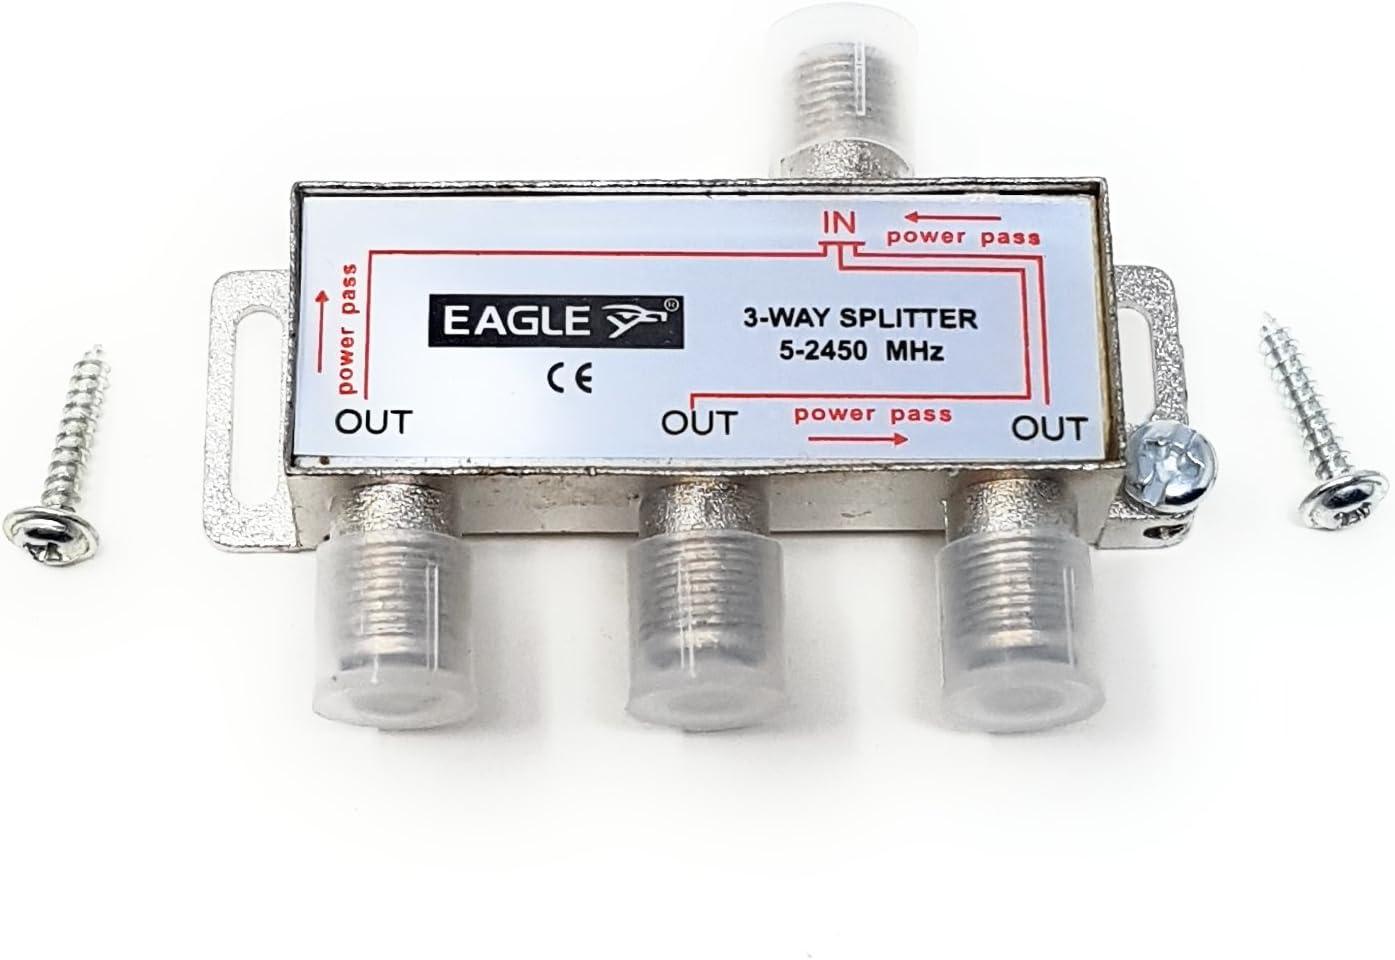 MainCore F-Type - Cable divisor de cable para TV, Freeview, Sky/SkyHD, NTL, Virgen, satélite, salidas de antena/coaxial/5-2,45 GHz (disponible en 2 vías, 3 vías, 4 vías)